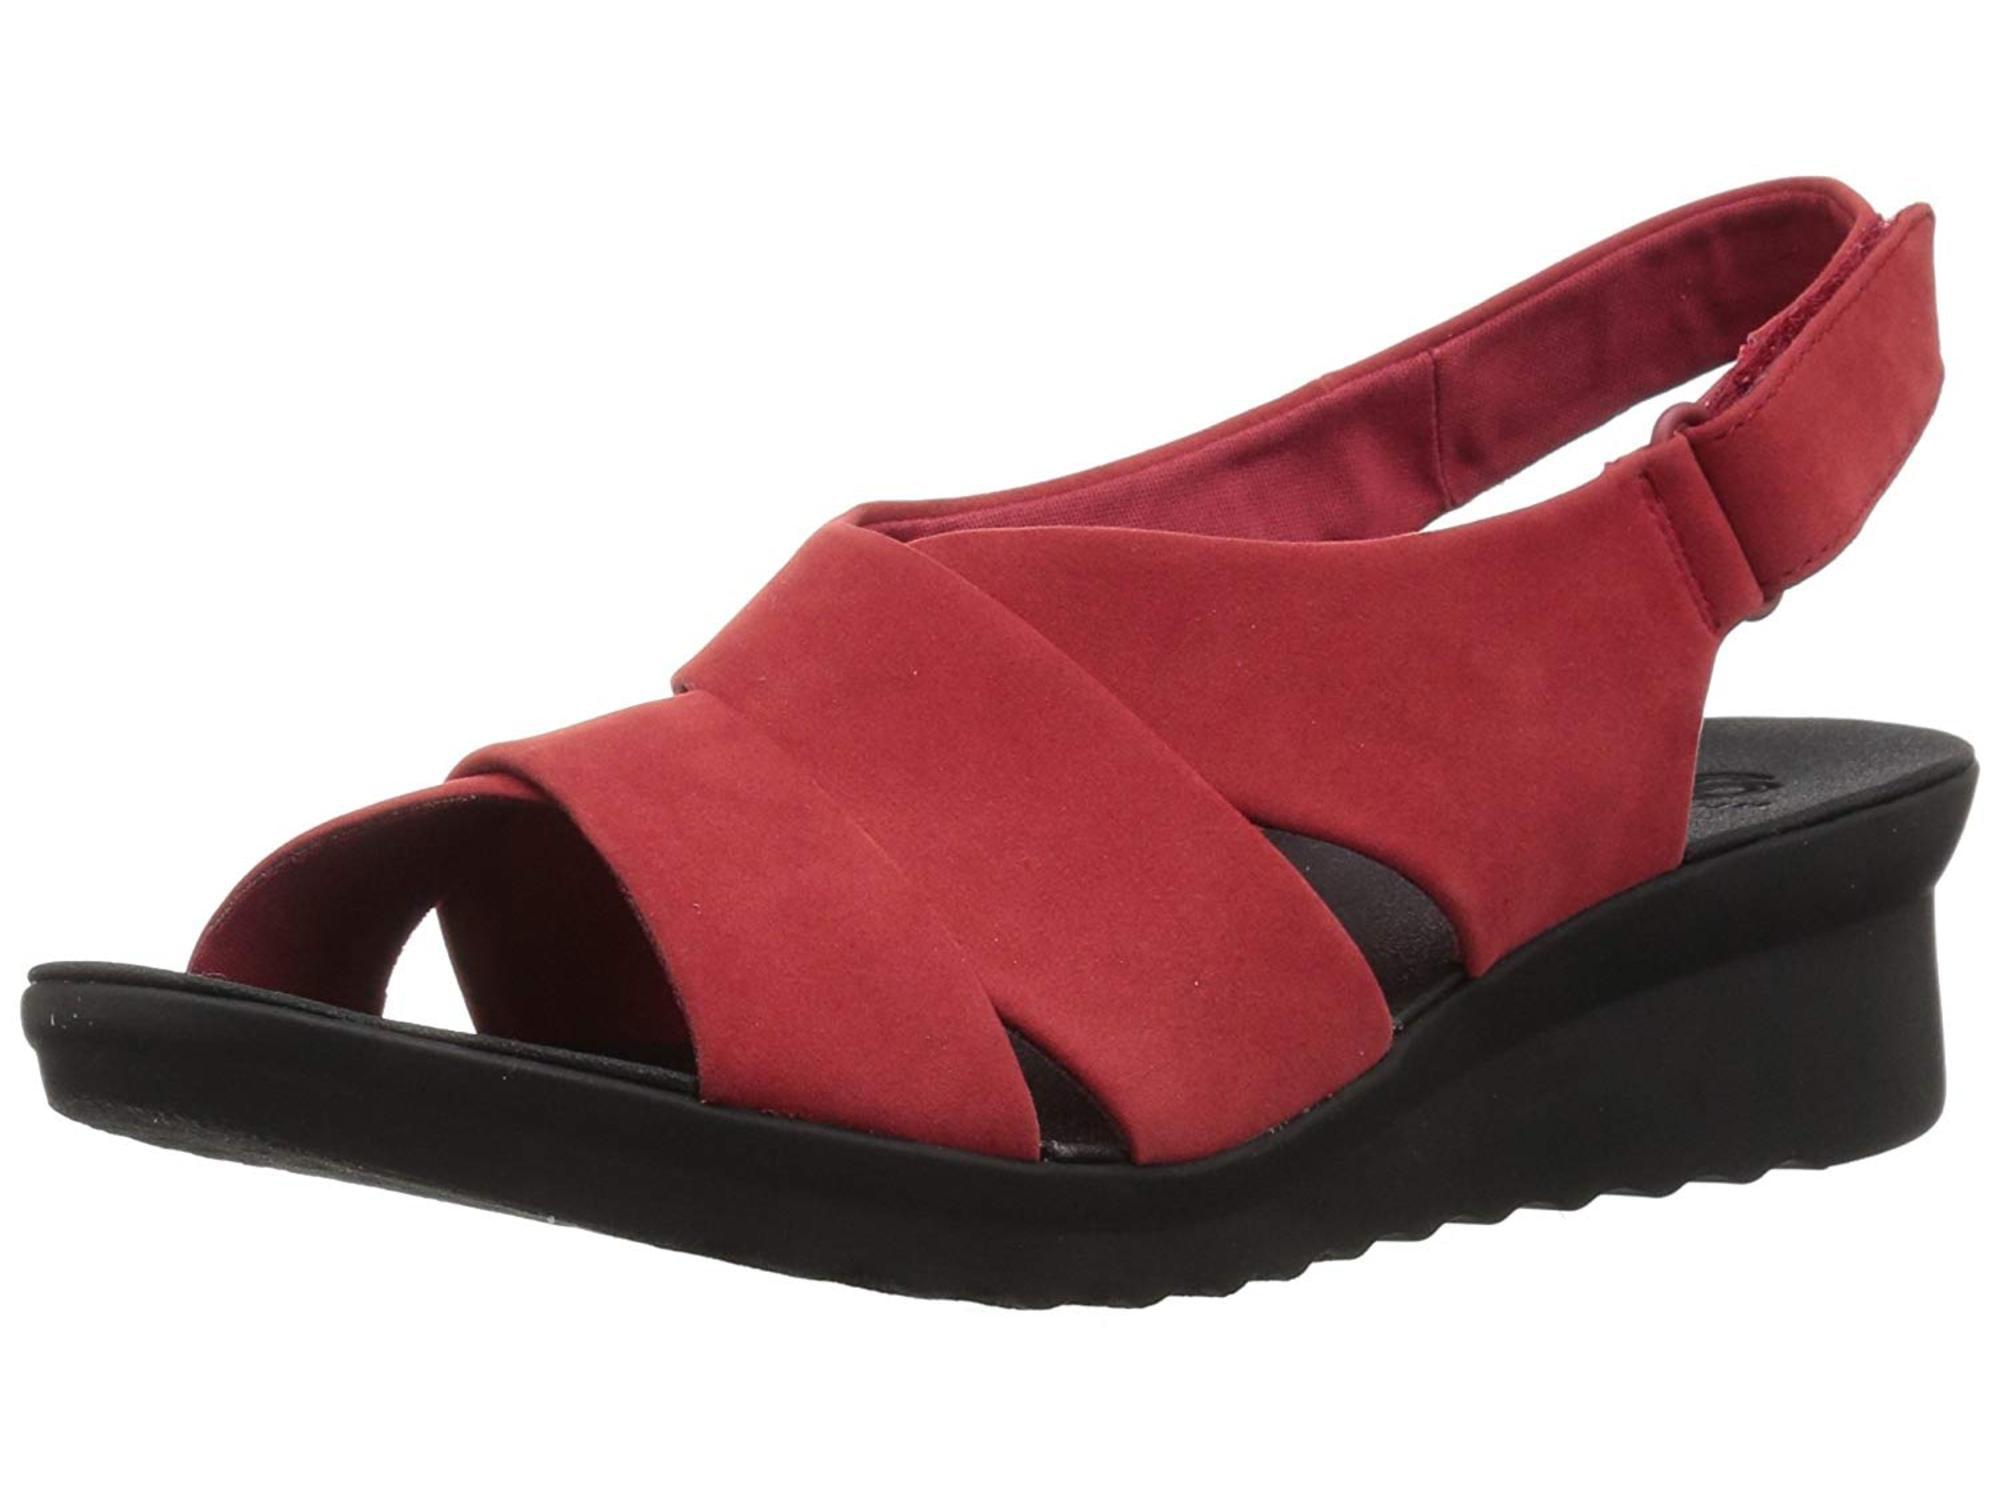 fbf2a233554 CLARKS Women s Caddell Petal Sandal